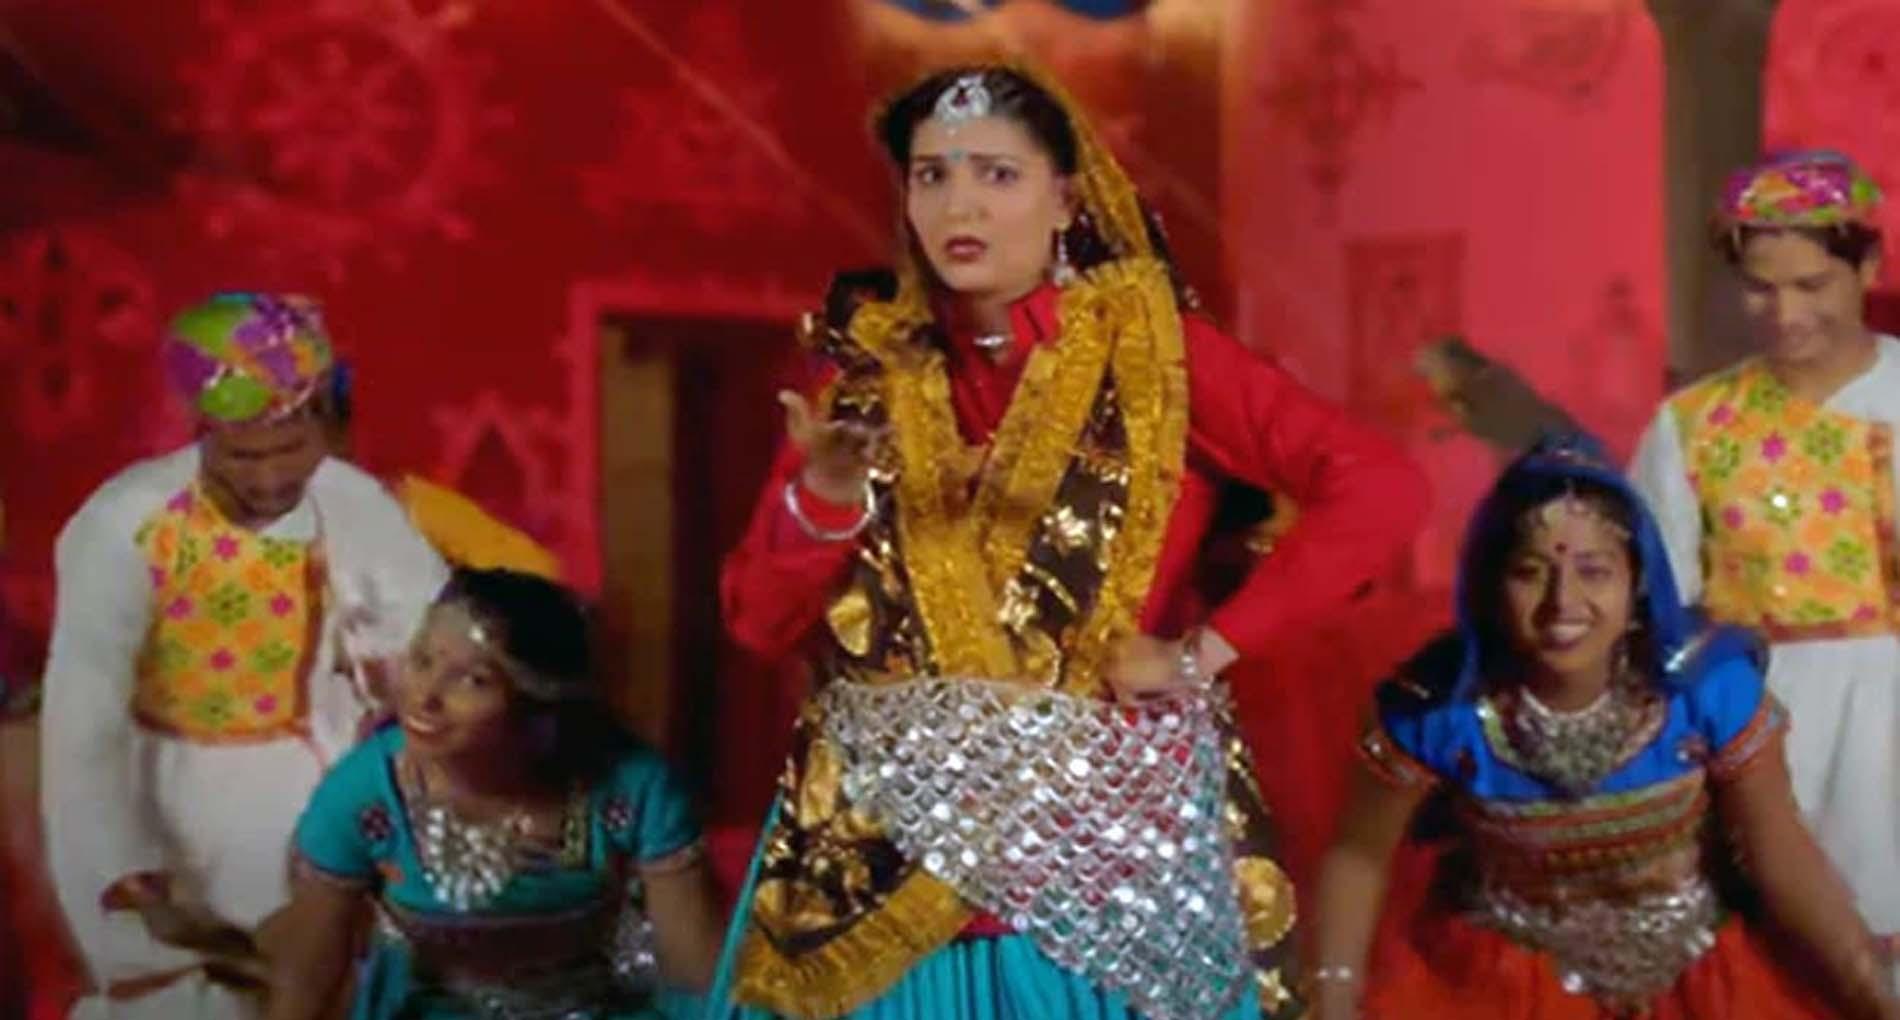 Sapna Choudhary New Haryanvi Song: रिलीज के साथ ही छाया सपना चौधरी का नया गाना! देखें वीडियो